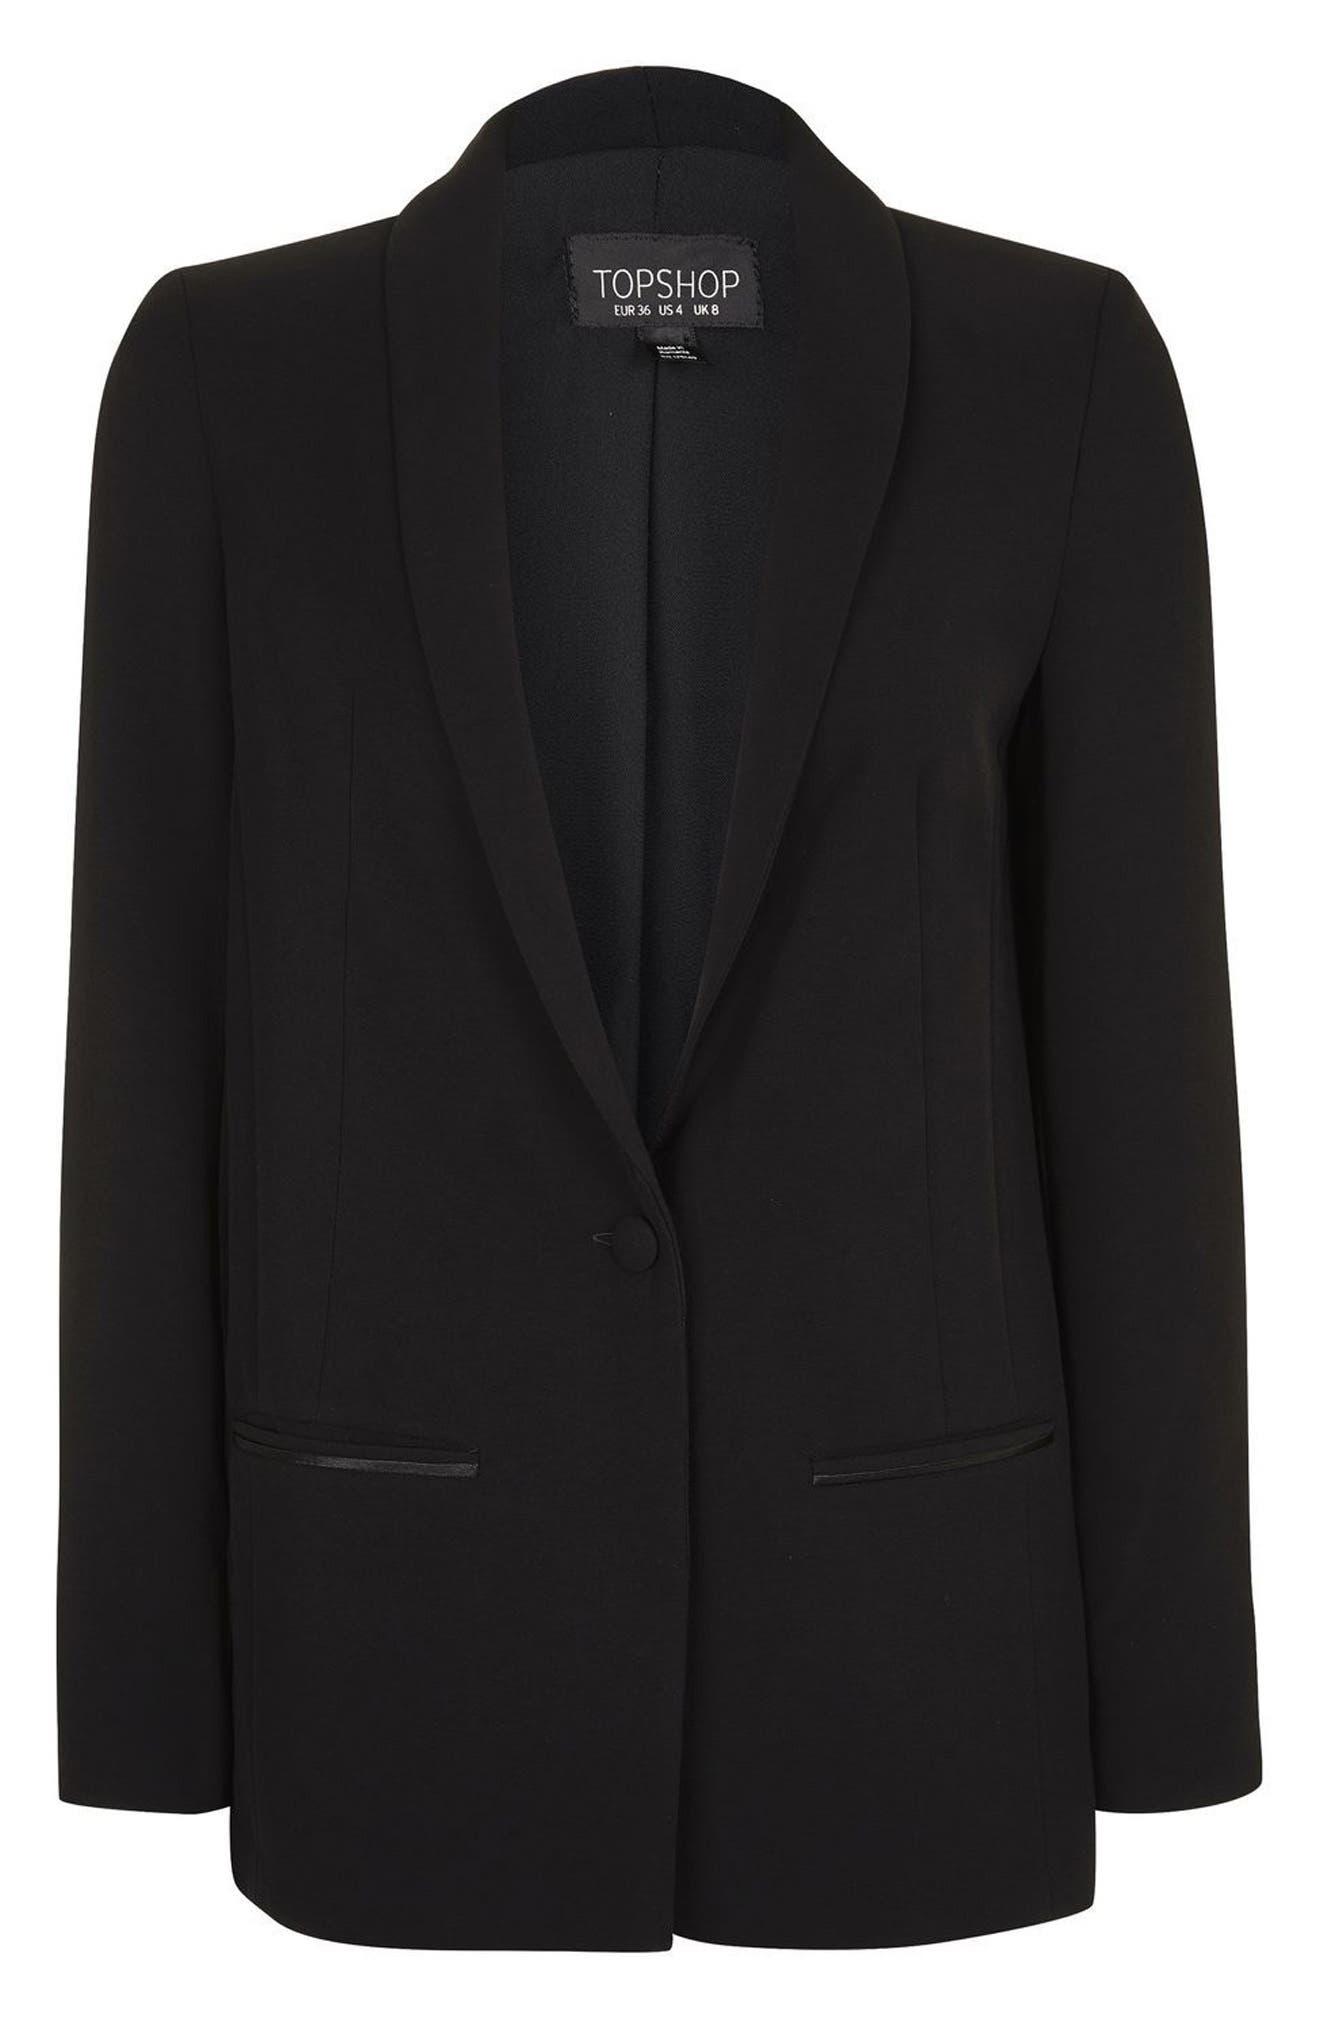 Alternate Image 1 Selected - Topshop Slouch Tuxedo Jacket